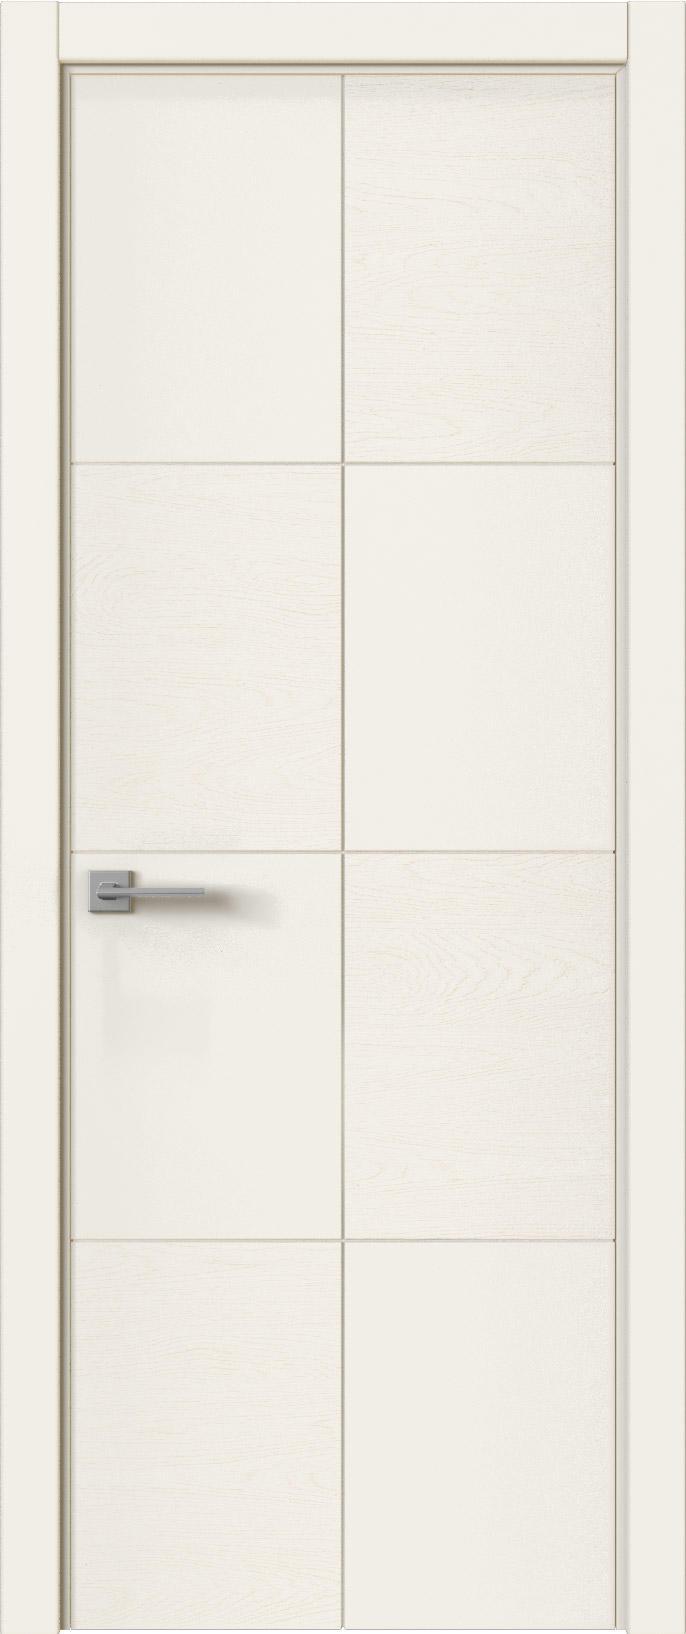 Tivoli Л-2 цвет - Бежевая эмаль-эмаль по шпону (RAL 9010) Без стекла (ДГ)